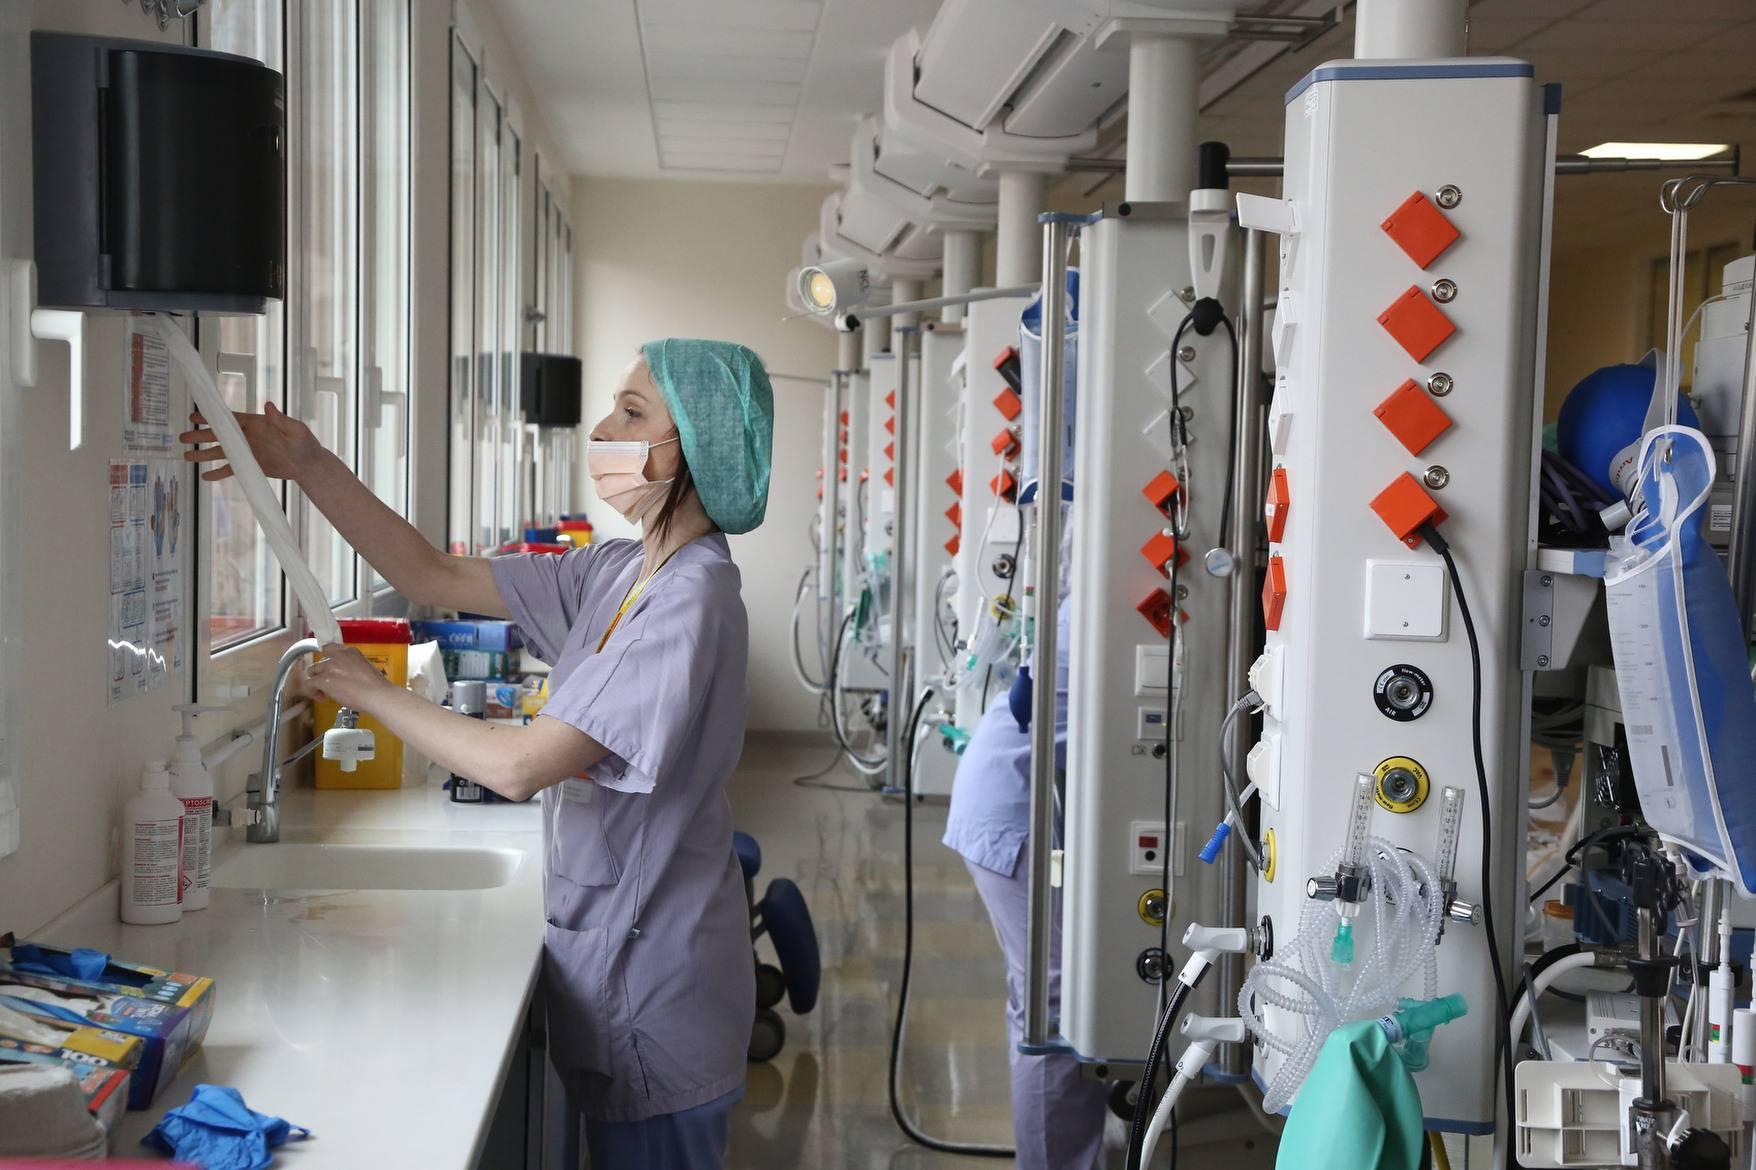 Coronavirus, preoccupa la seconda ondata epidemica in autunno - Leggilo.org